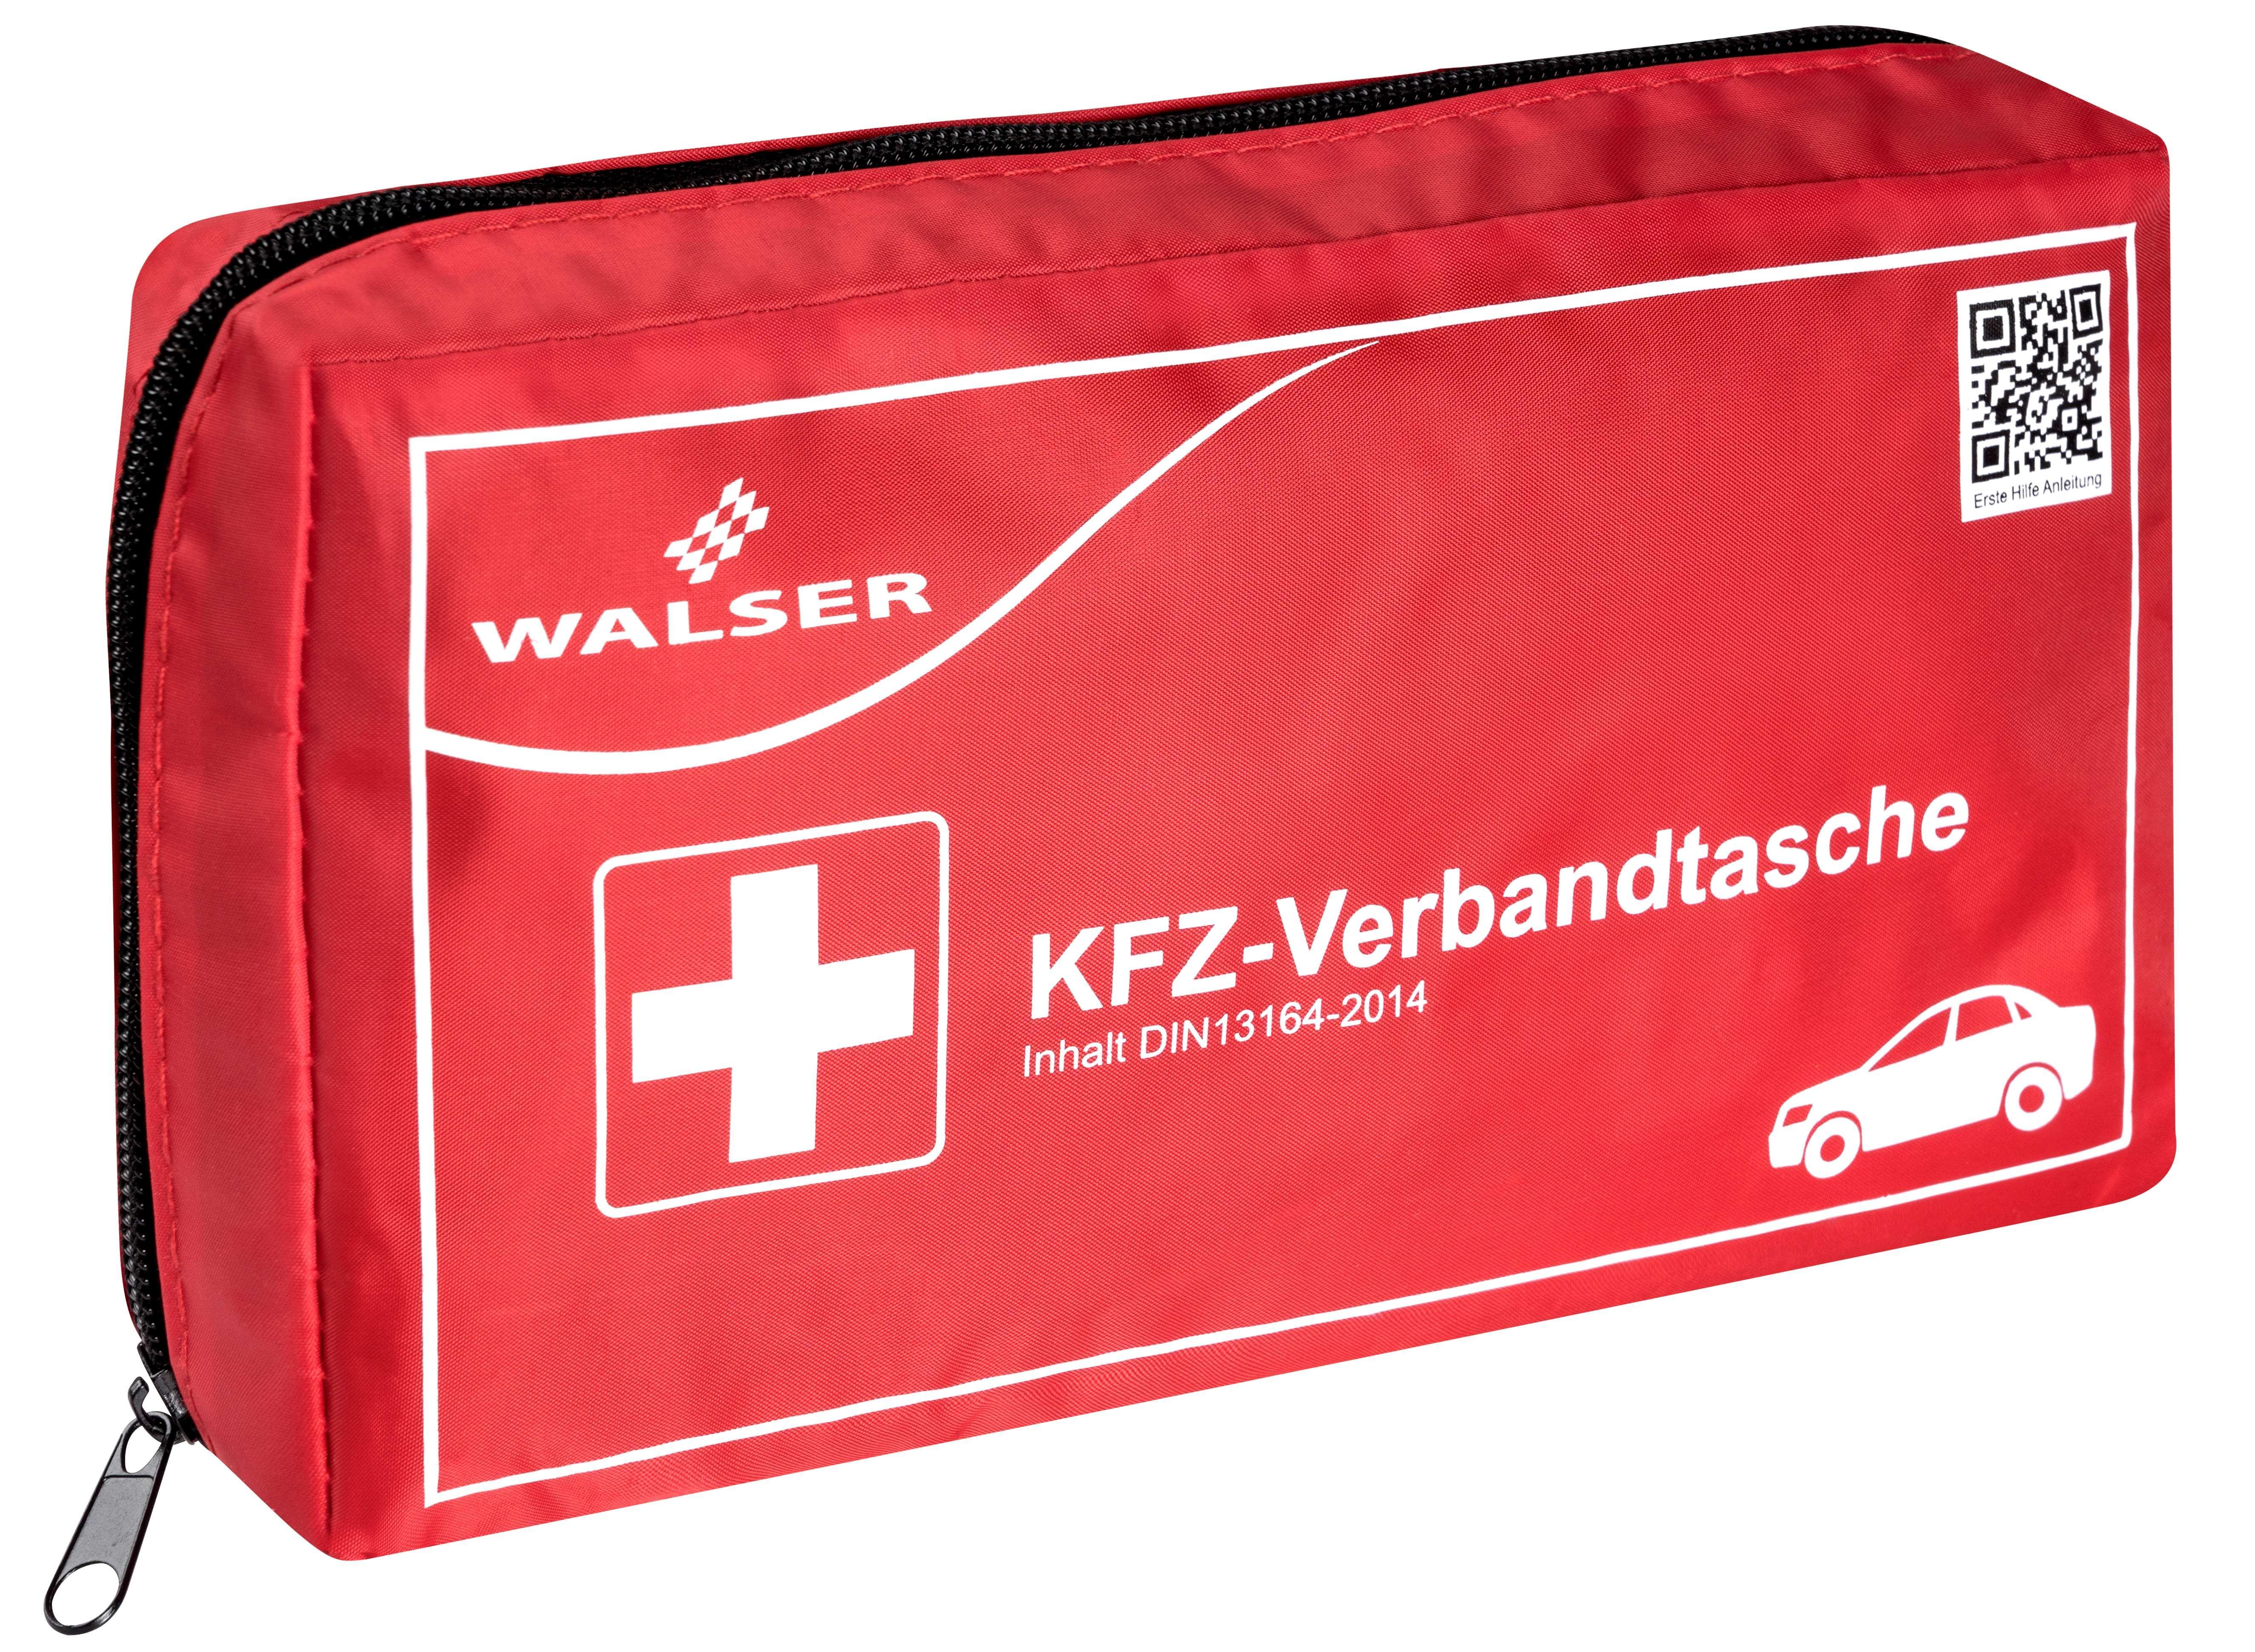 Verbandkasten 44264 Niedrige Preise - Jetzt kaufen!